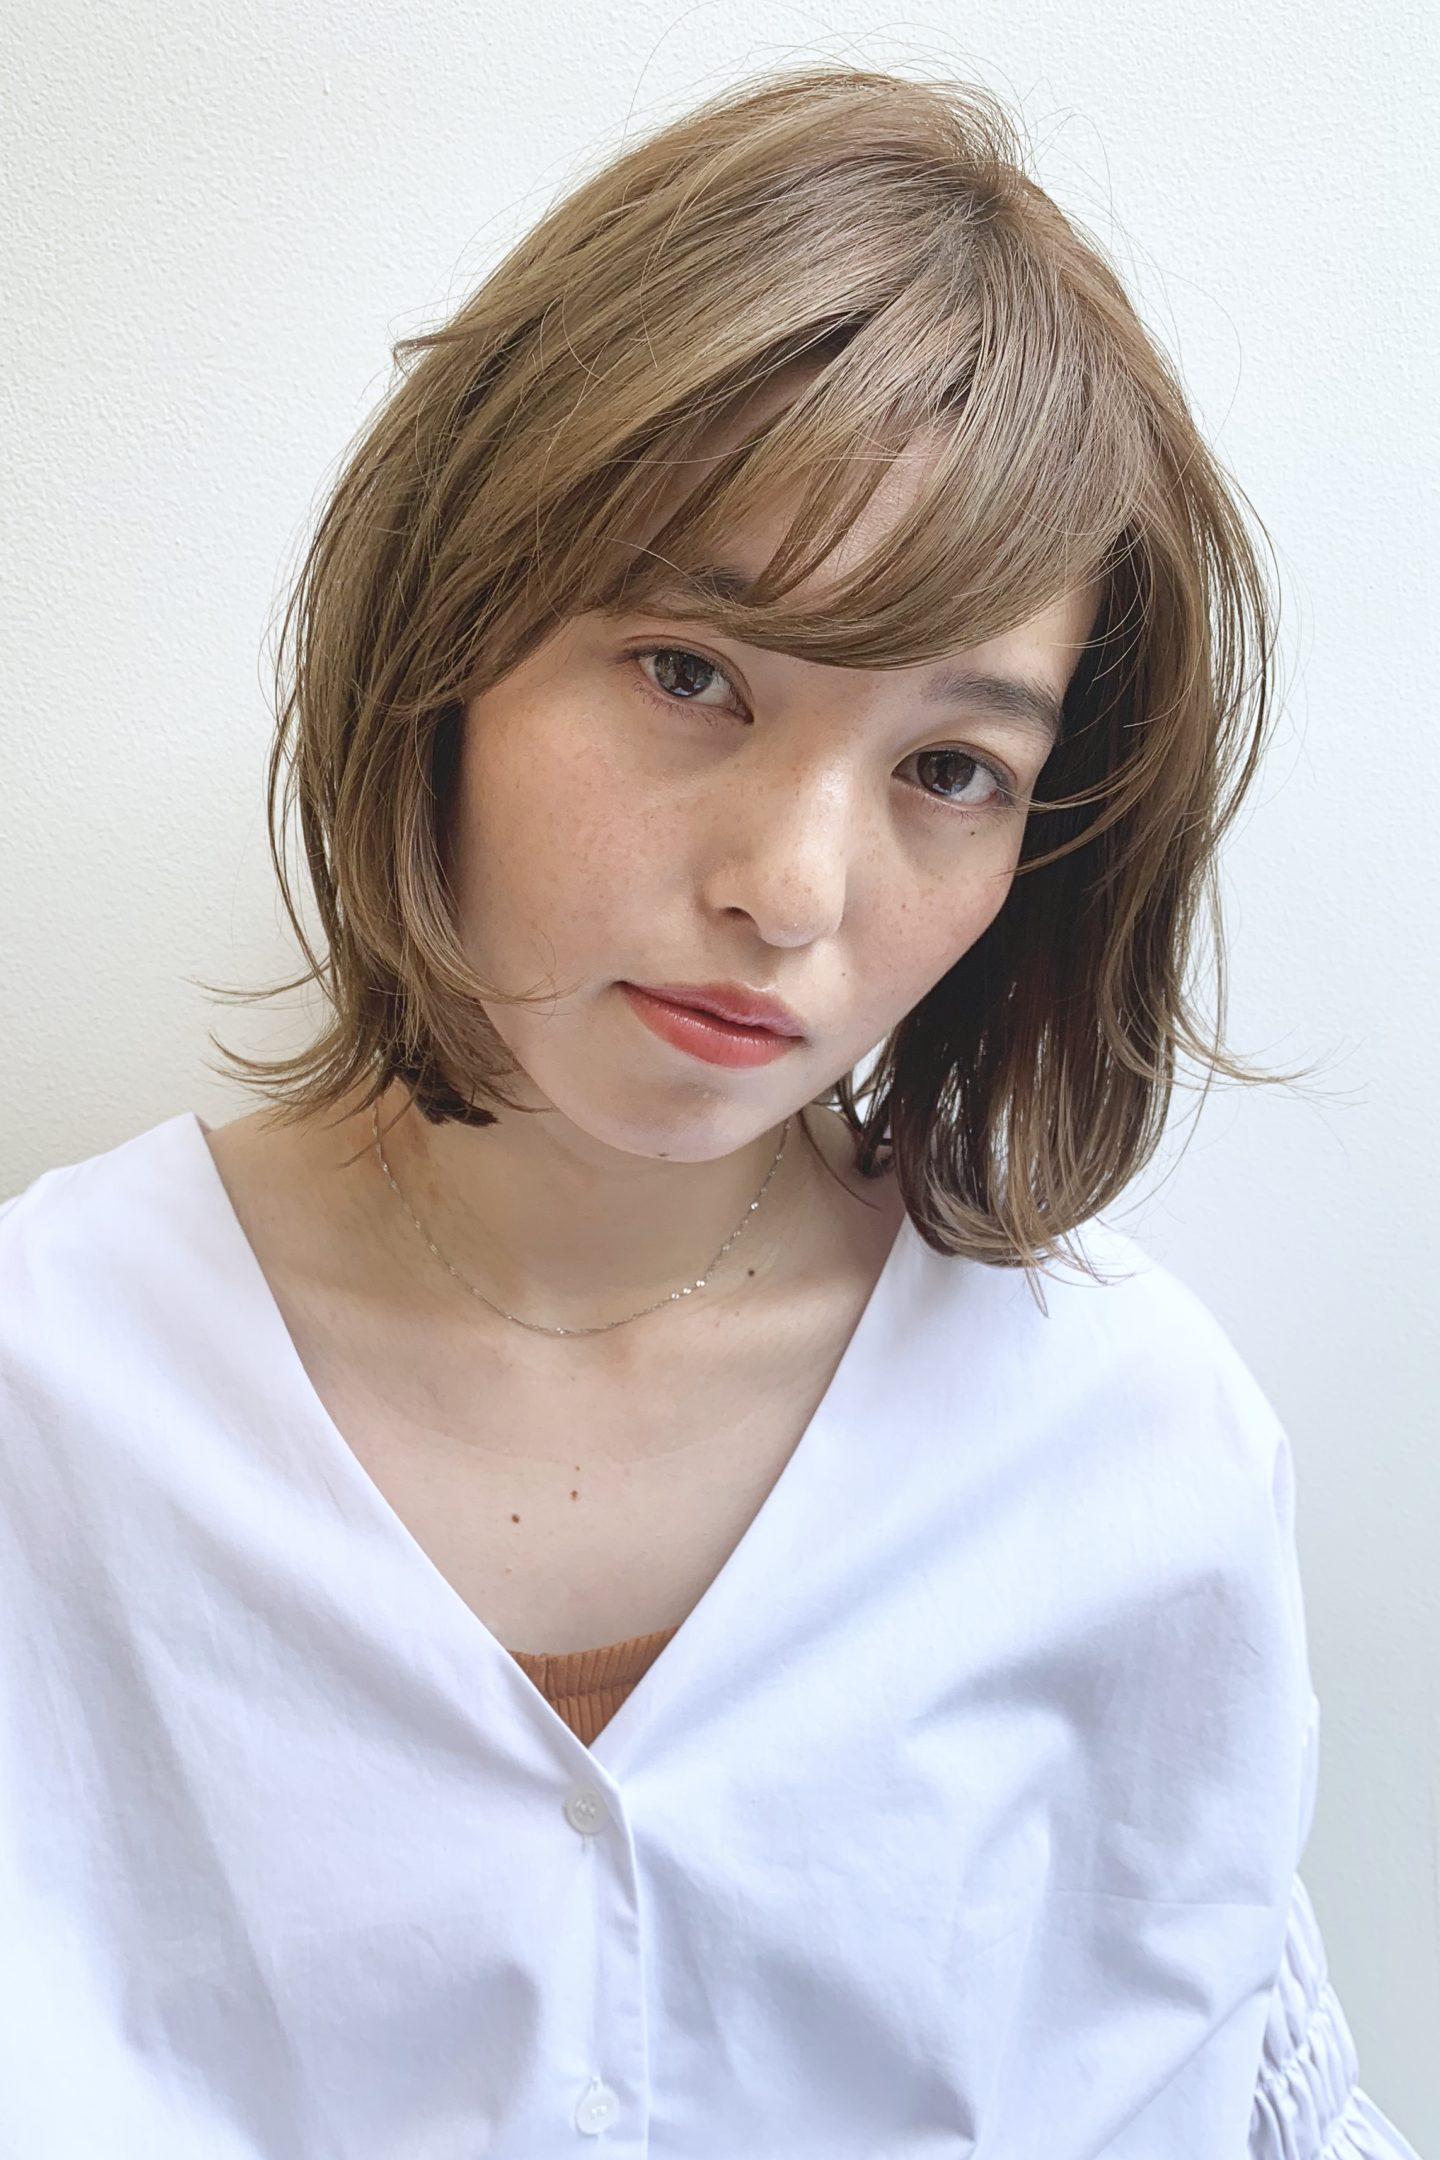 2019夏人気のヘアカラーカタログ☆美容師おすすめはアッシュベージュ♪